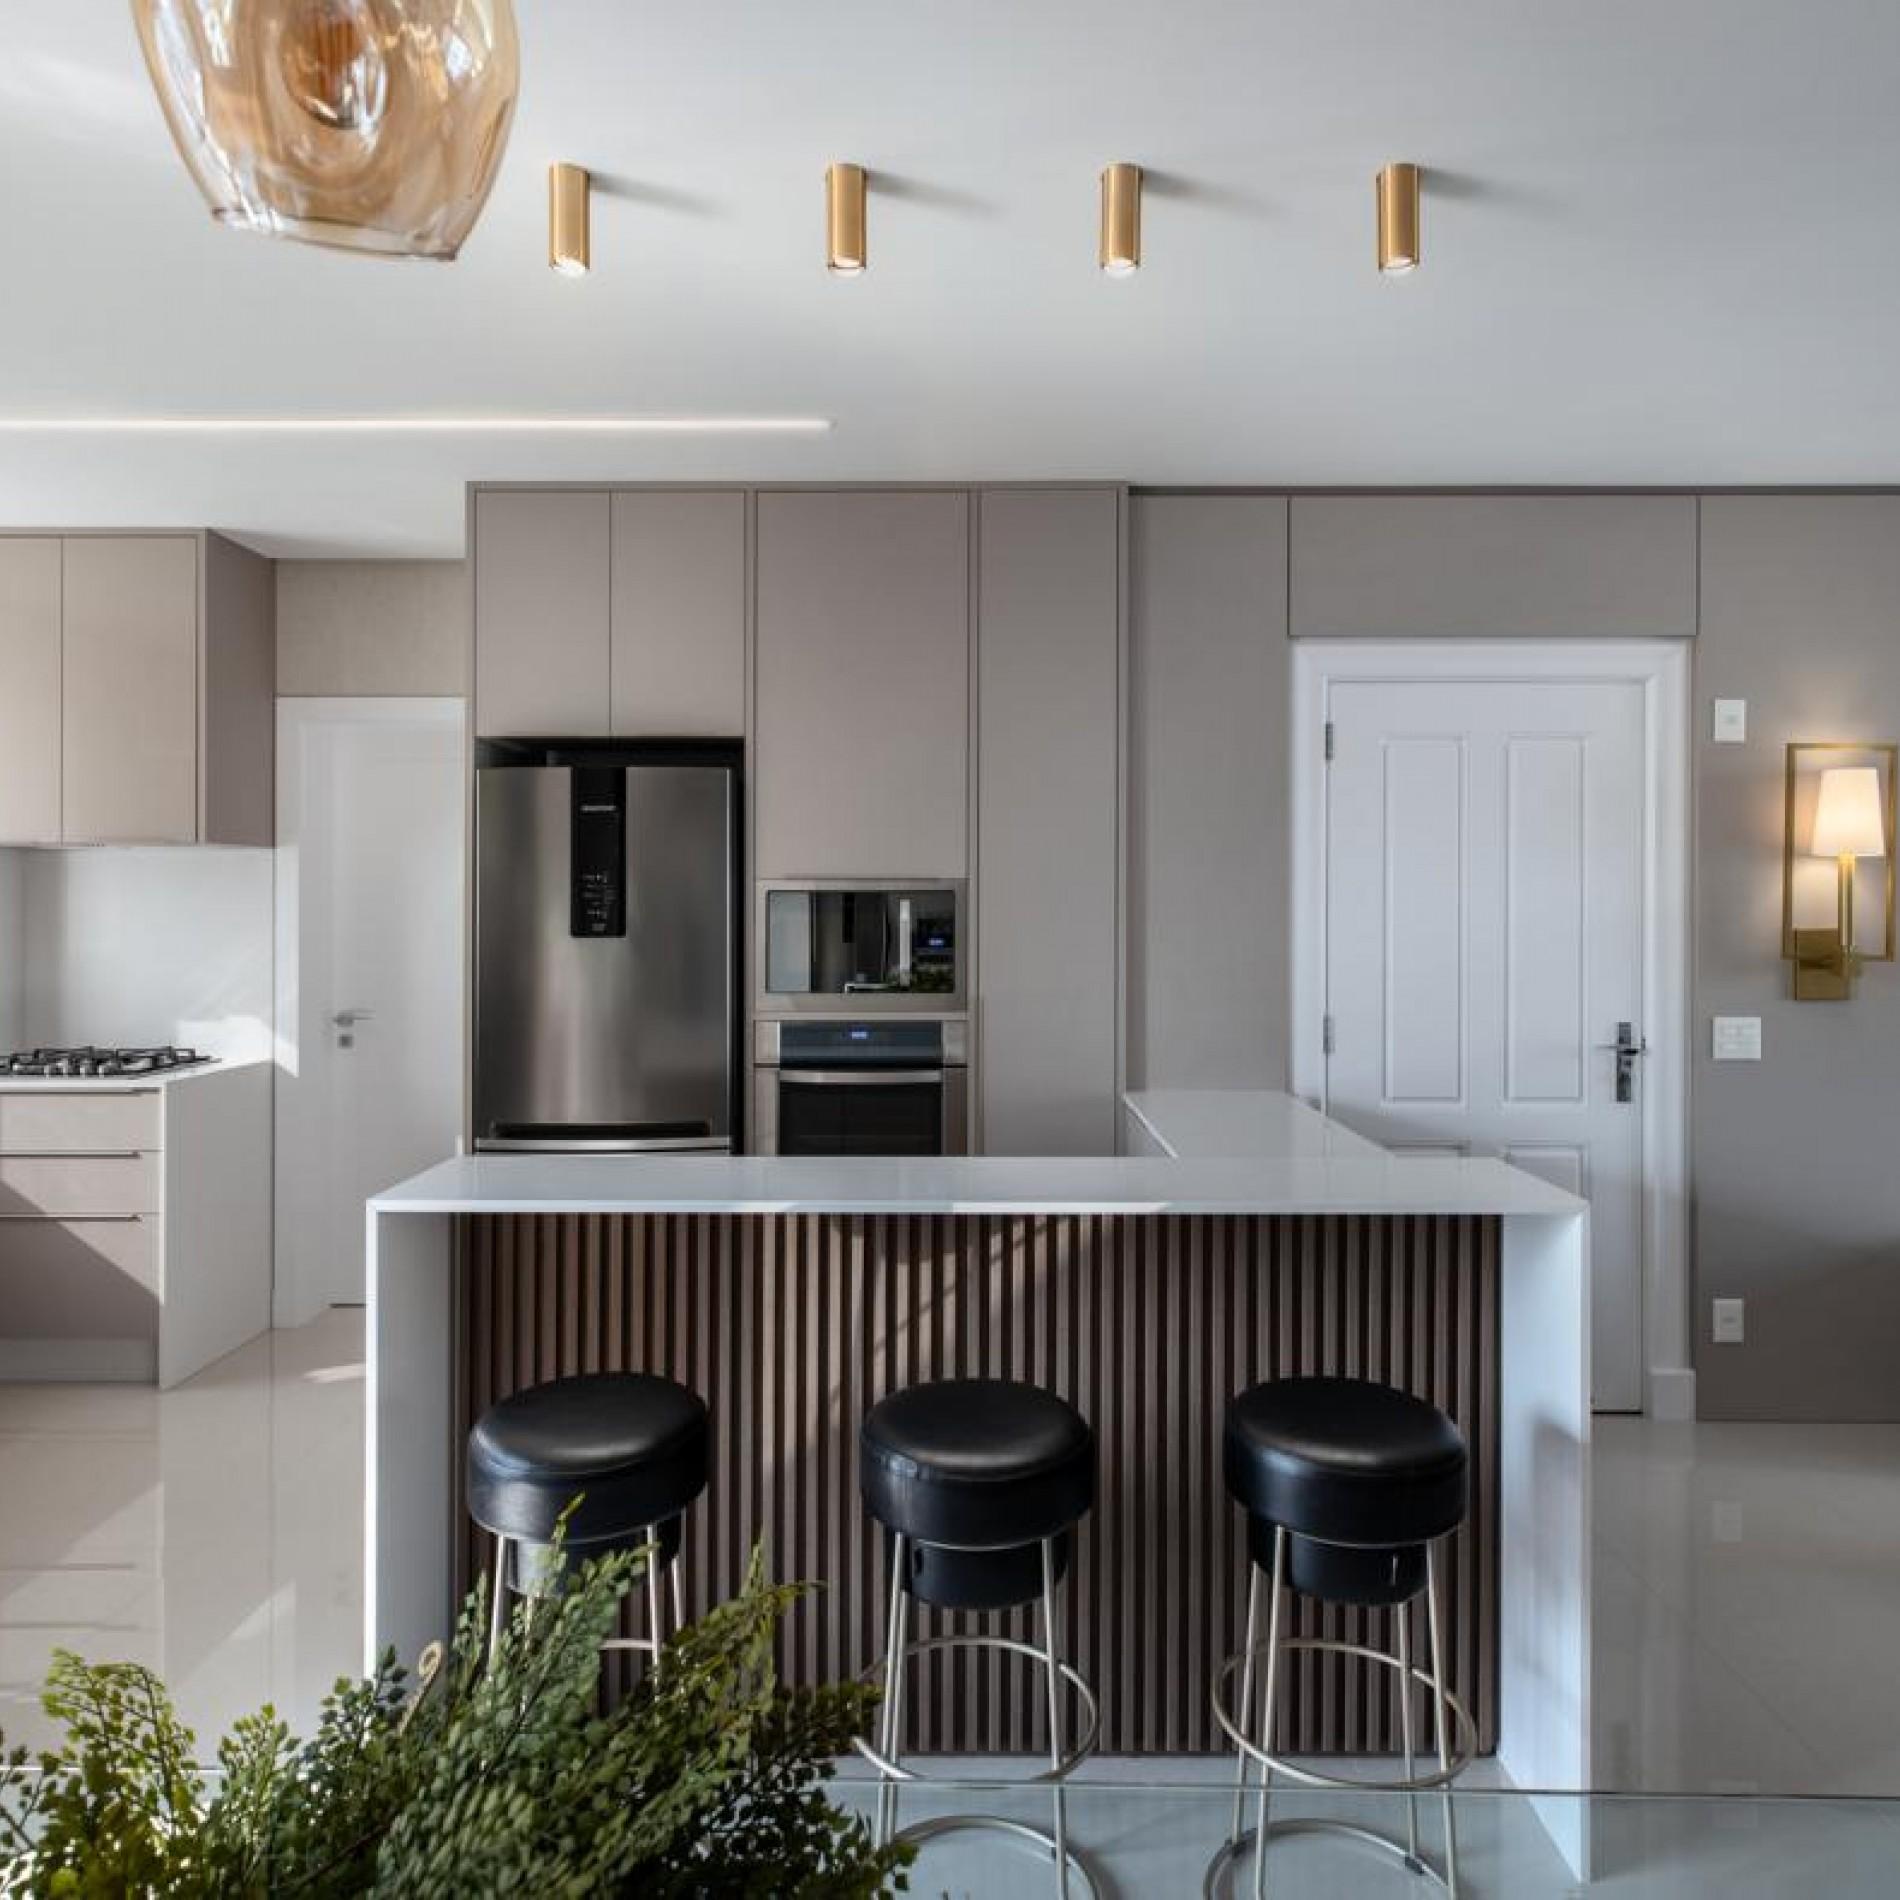 decorado-windsor-701-cozinha-detalhe-1-1.jpg